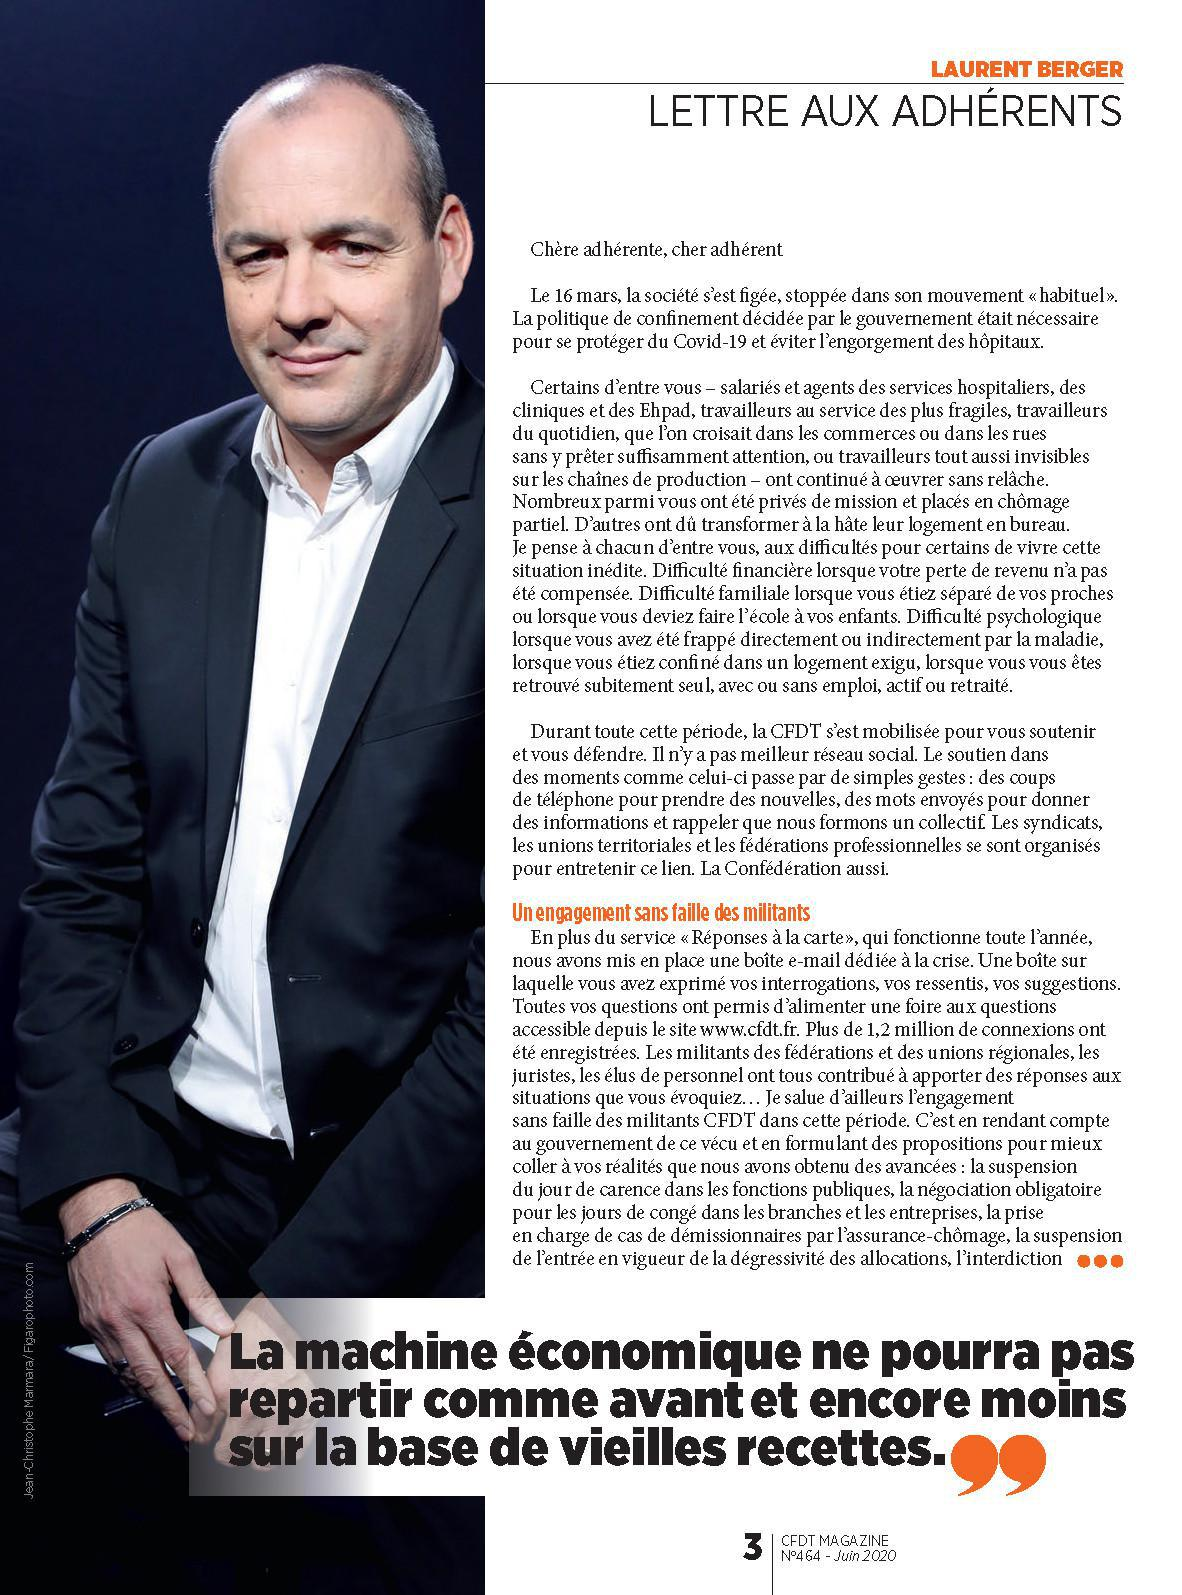 Lettre de Laurent BERGER aux adhérents